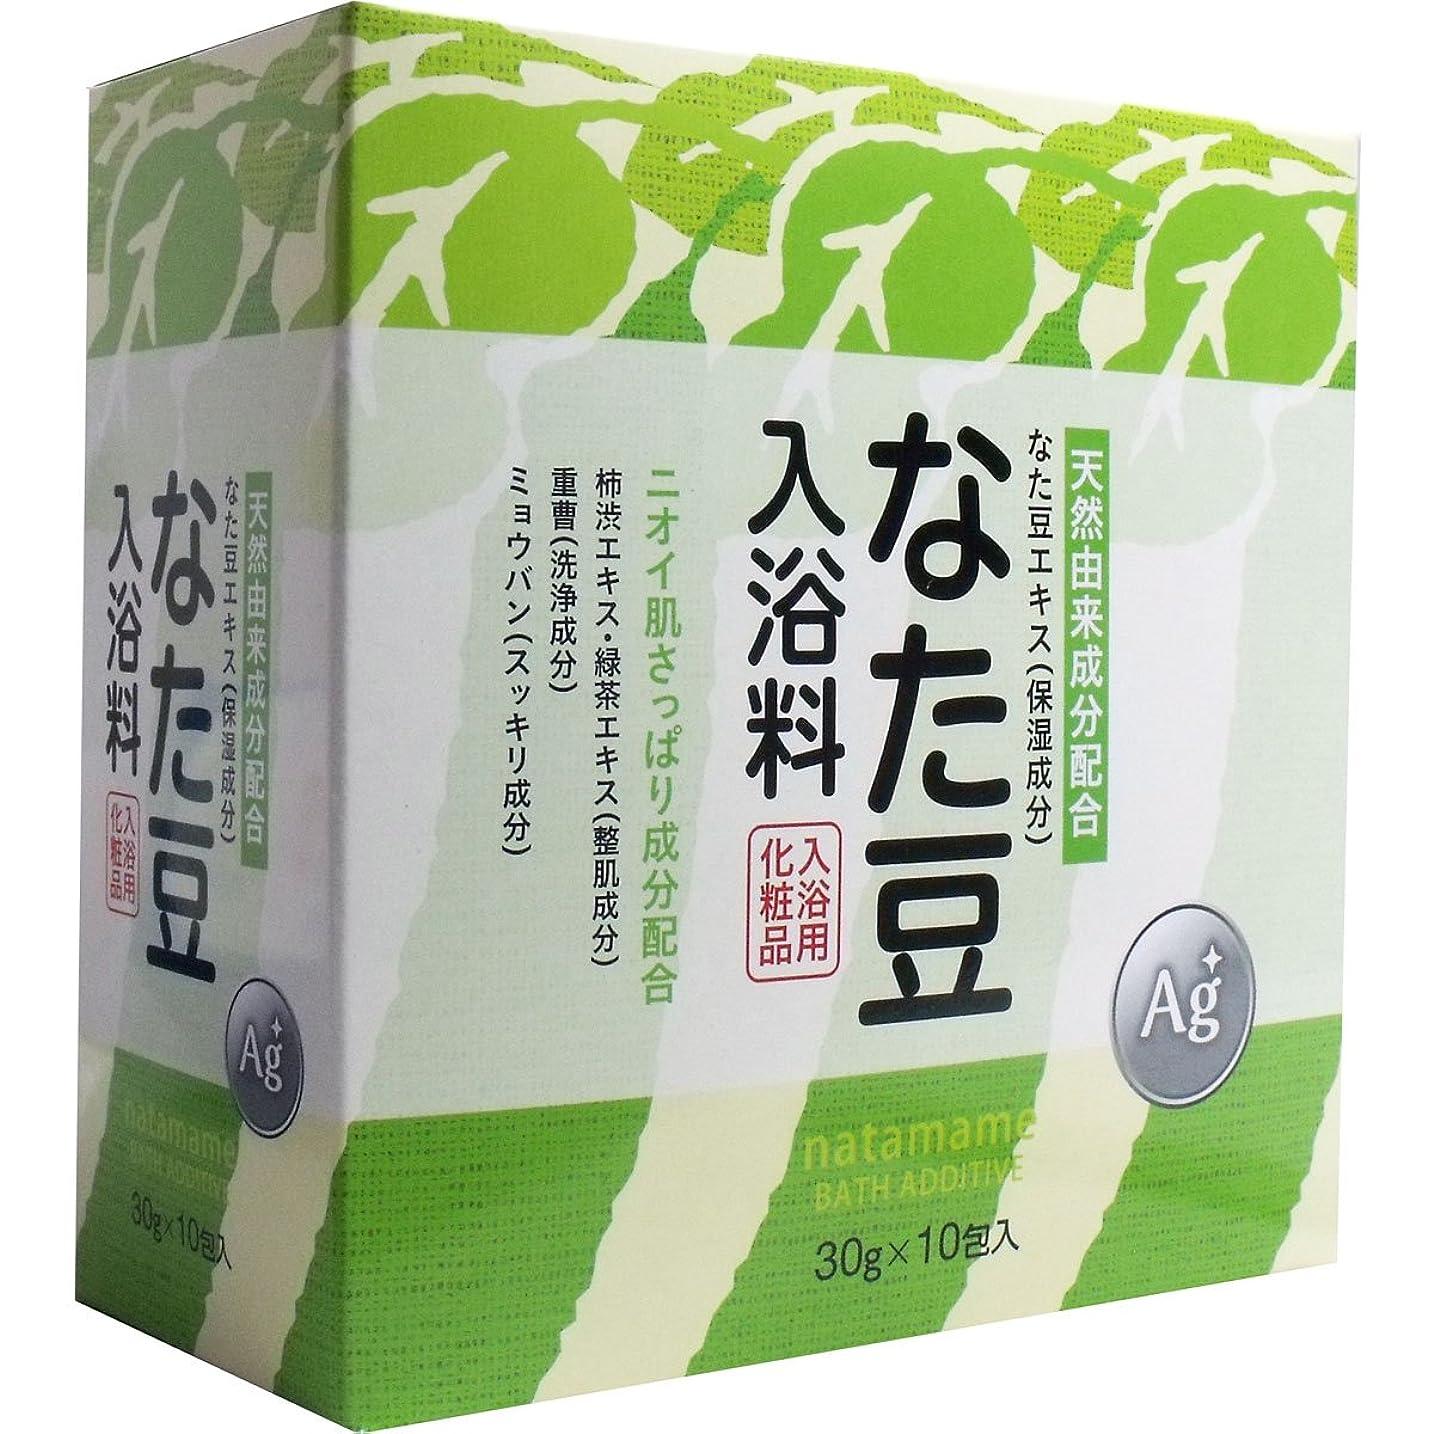 レクリエーションしかしかかわらずなた豆入浴料 入浴用化粧品 30g×10包入×4